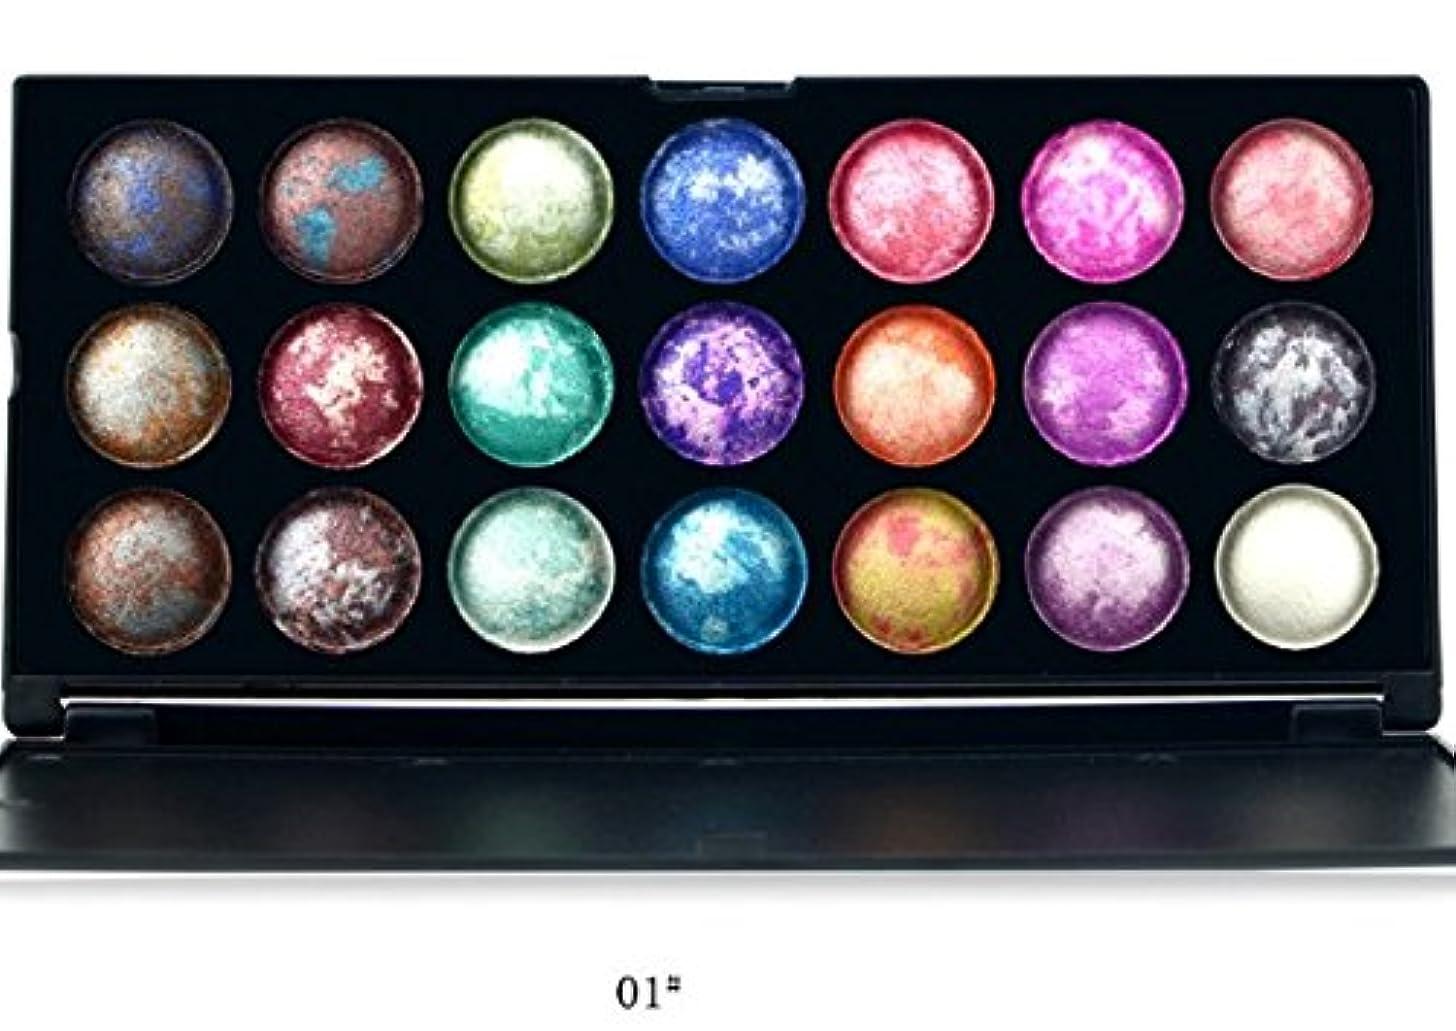 同一性トマト隠MakeupAcc 焼きアイシャドウ 21色 カラフル 乾式と湿式 (01) [並行輸入品]